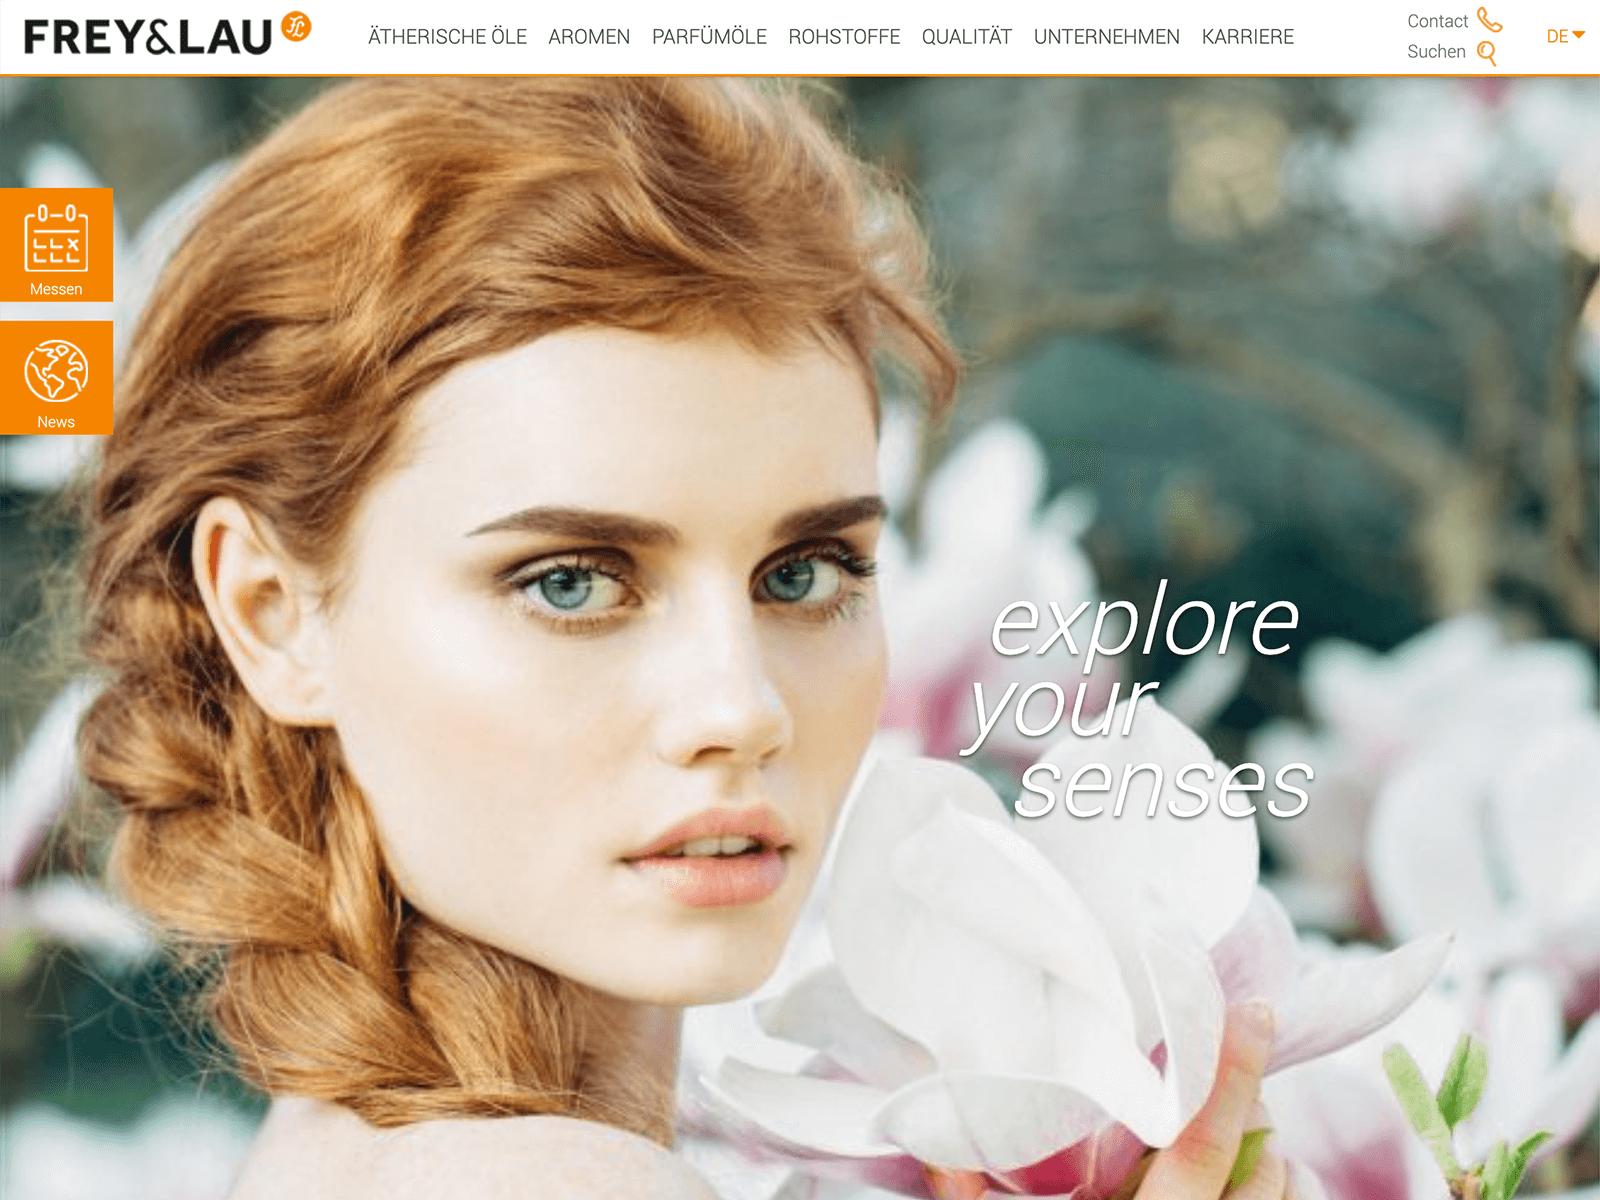 Wordpress-Support und Weiterentwicklung Frey + Lau GmbH